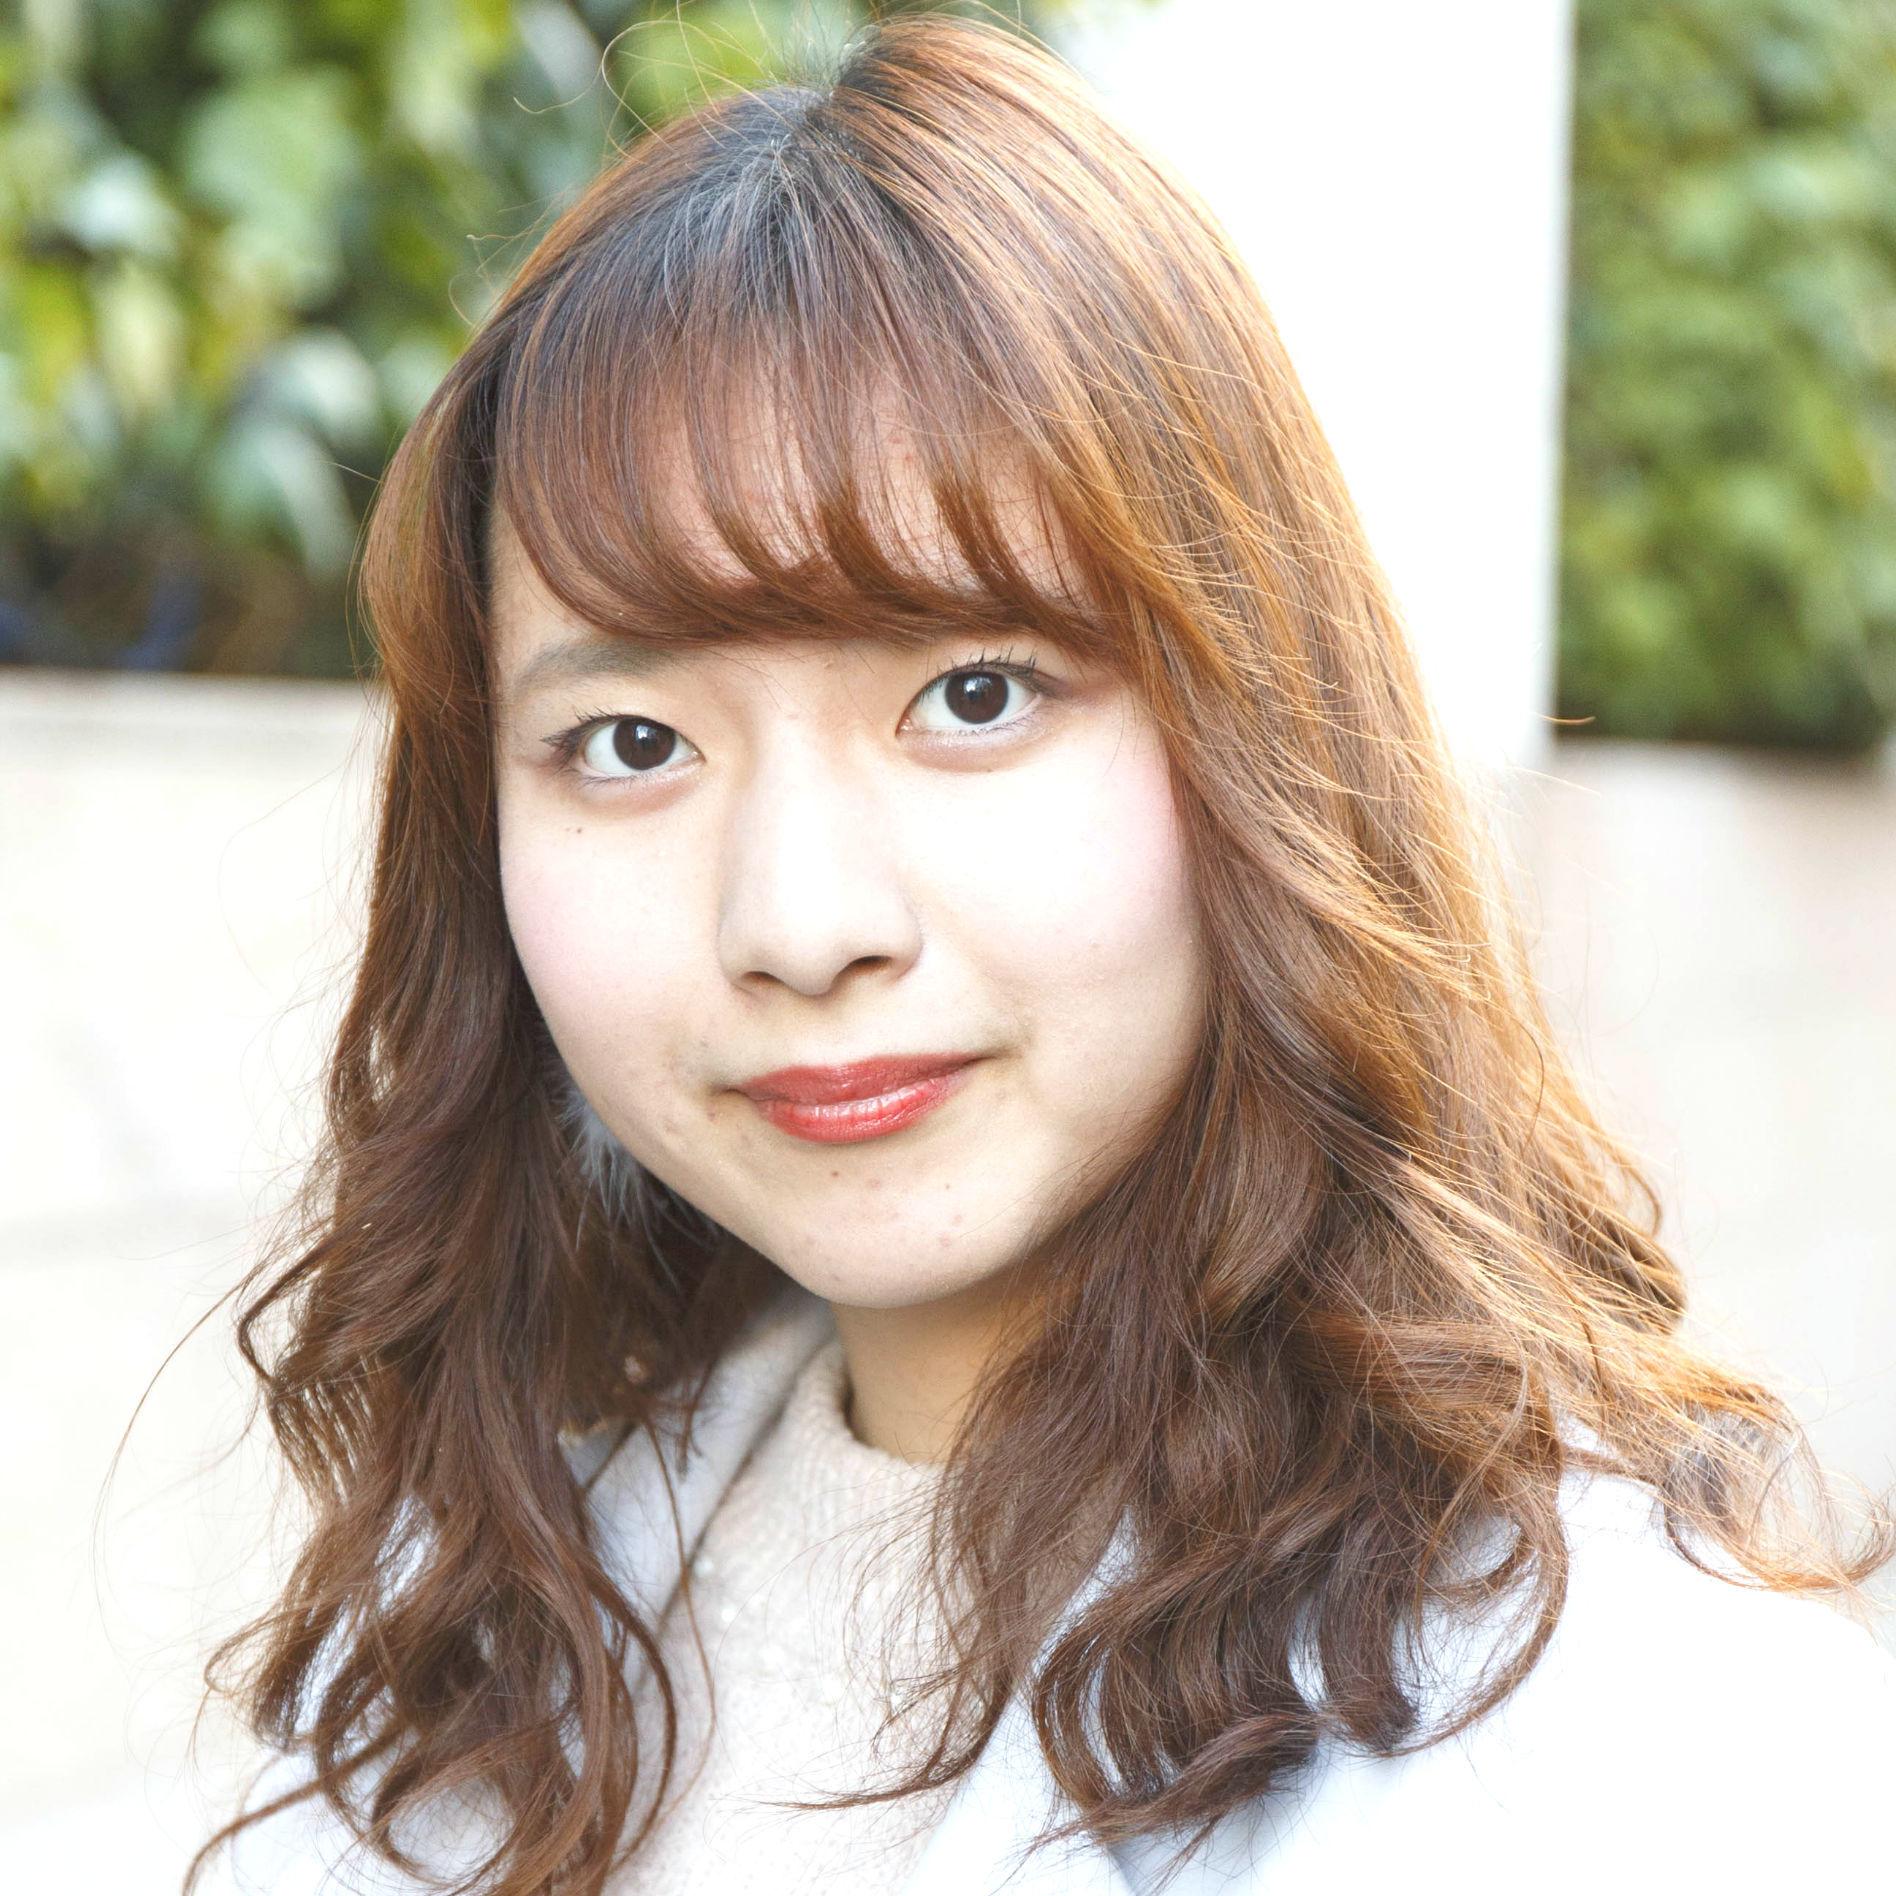 【女子SNAP】美女図鑑<br />沼倉友梨さん・大学生